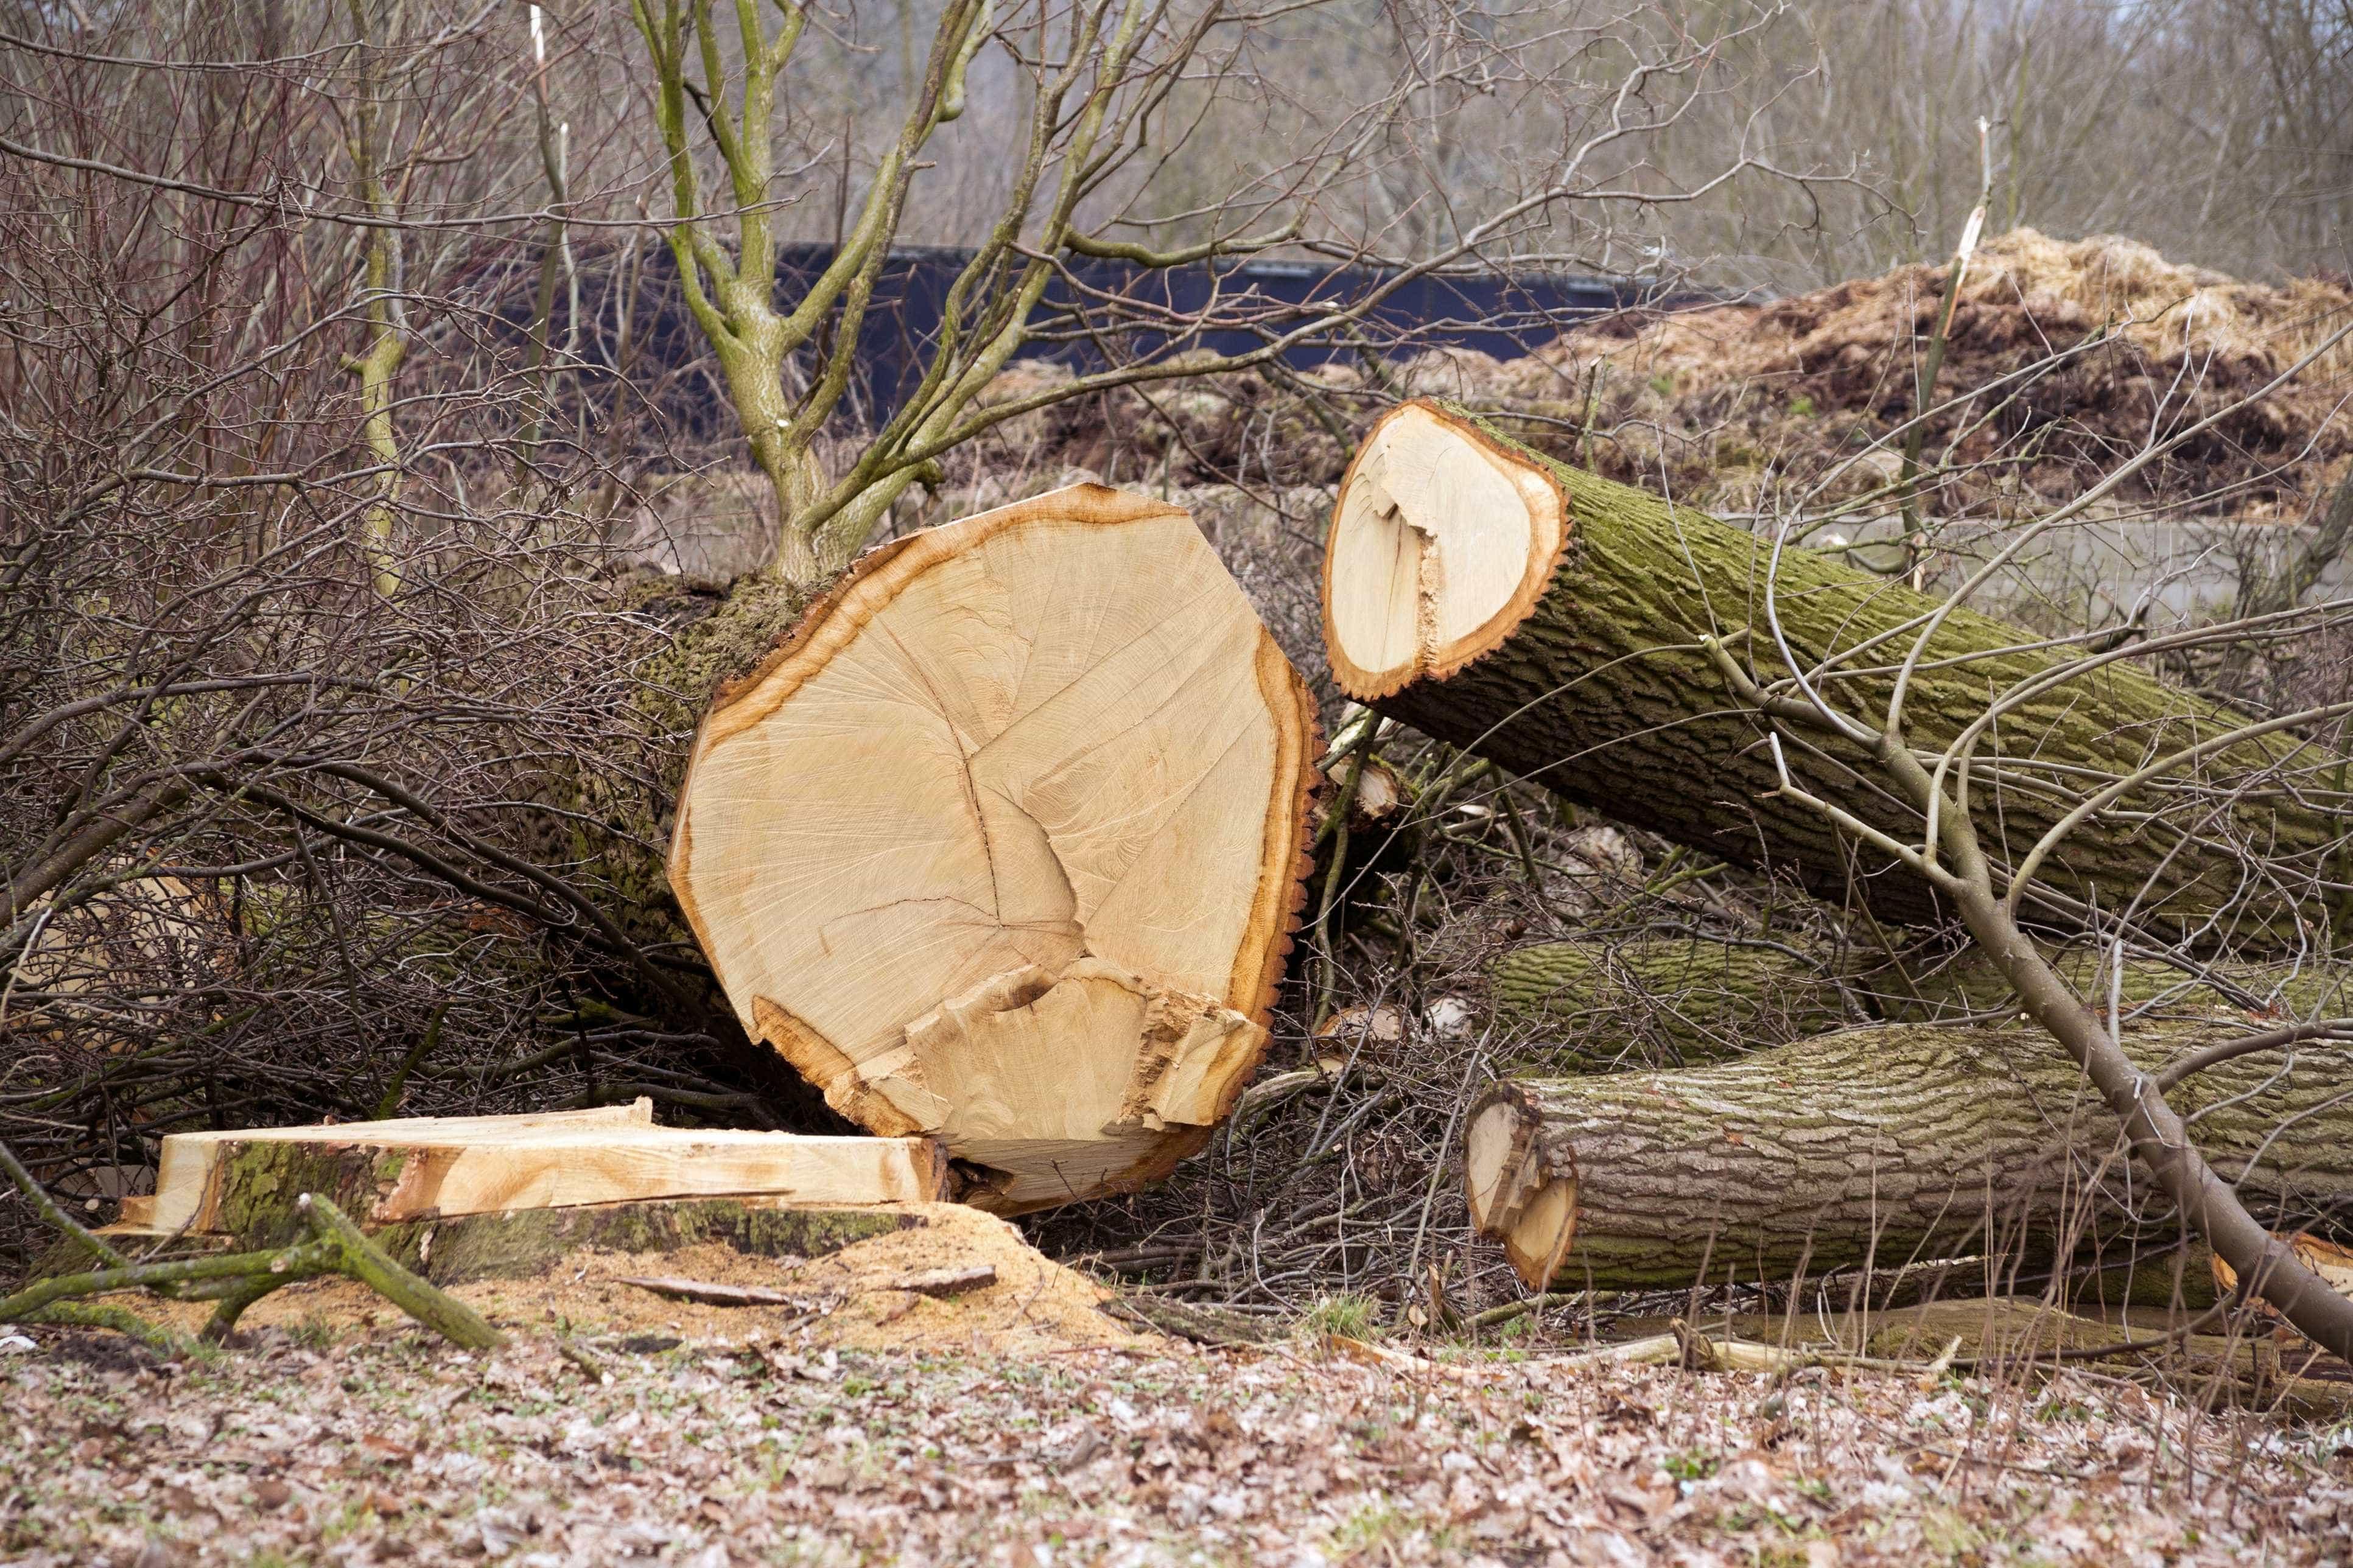 Homem morre em queda enquanto podava árvore em Paredes de Coura